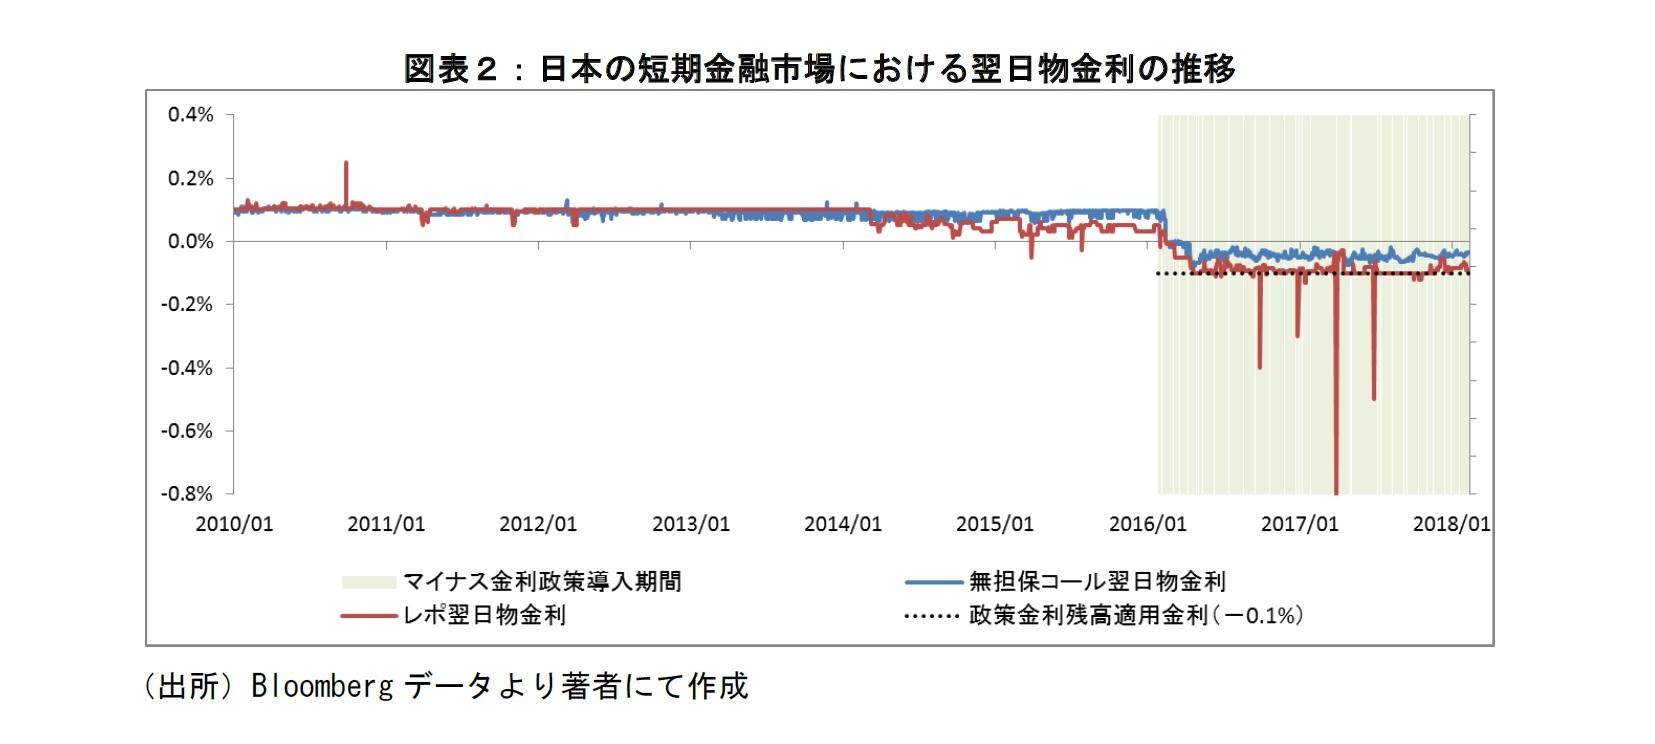 図表2:日本の短期金融市場における翌日物金利の推移